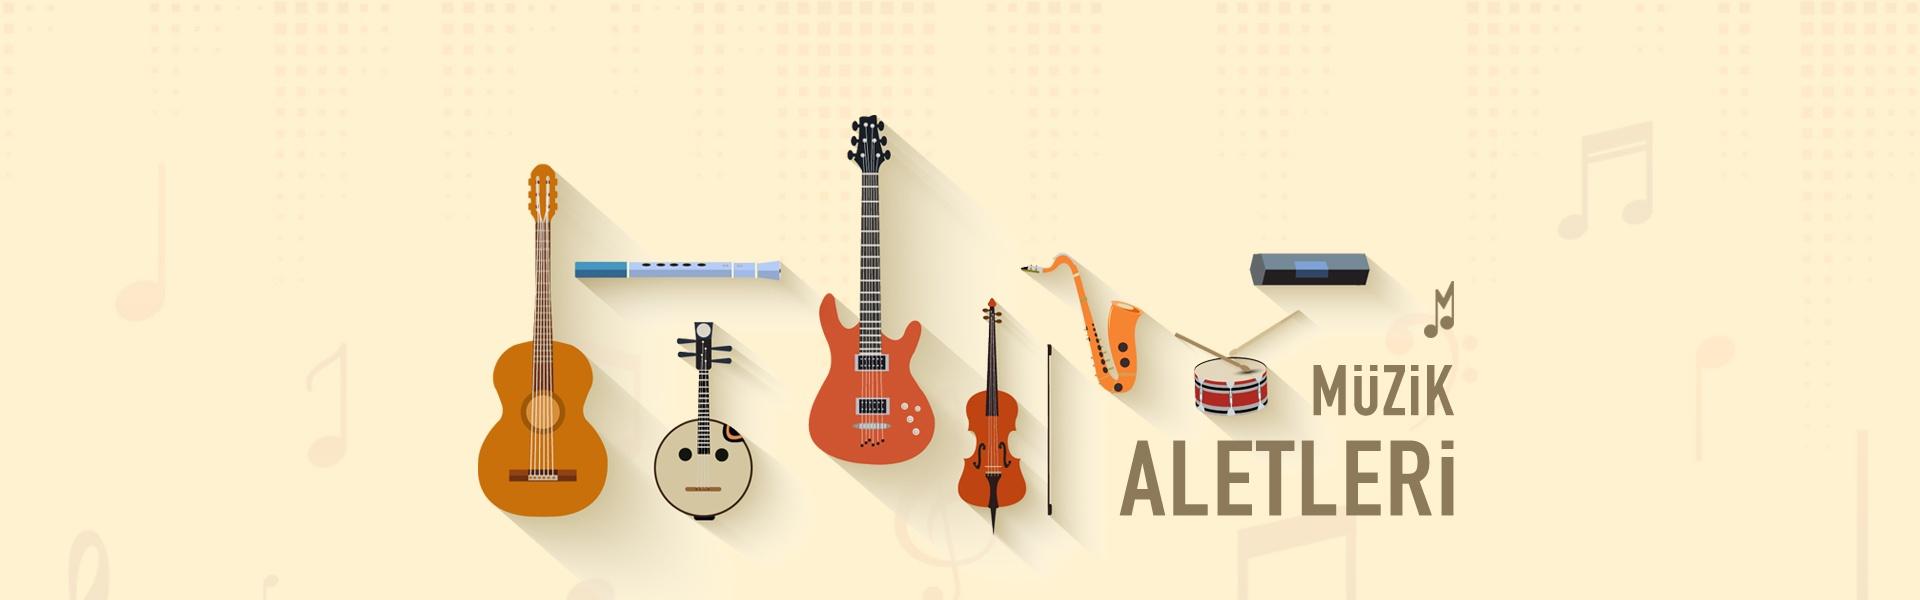 asemuzik.com